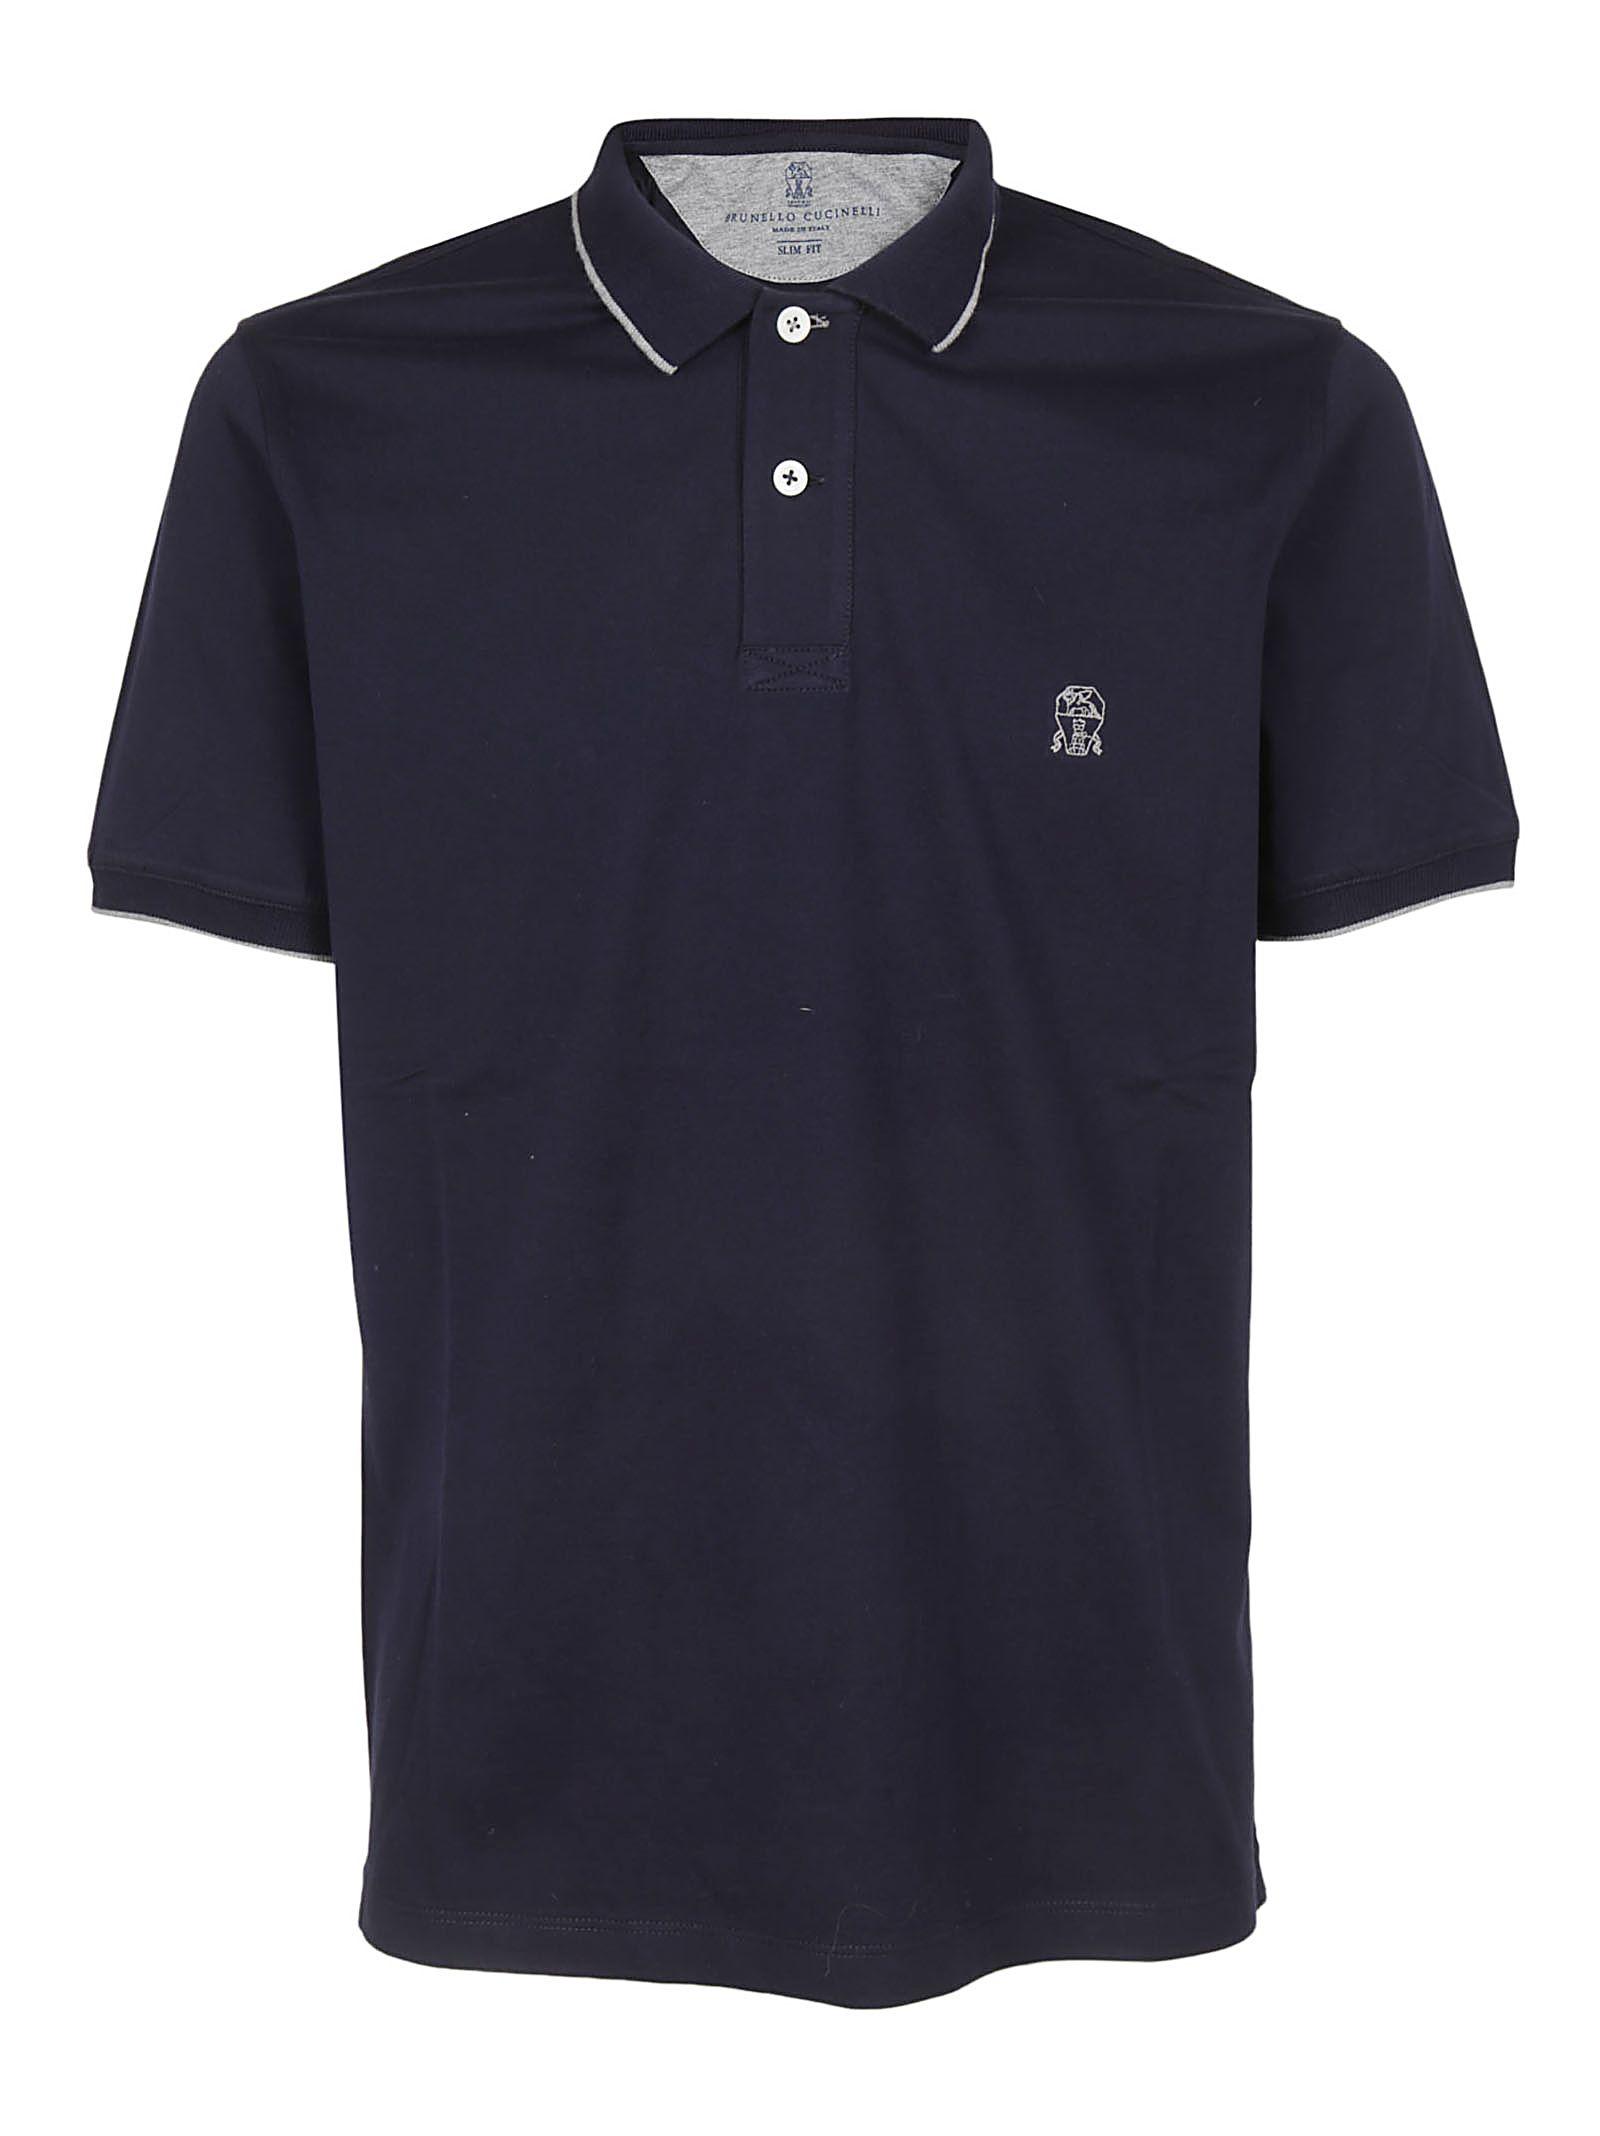 Brunello Cucinelli Brunello Cucinelli Classic Polo Shirt